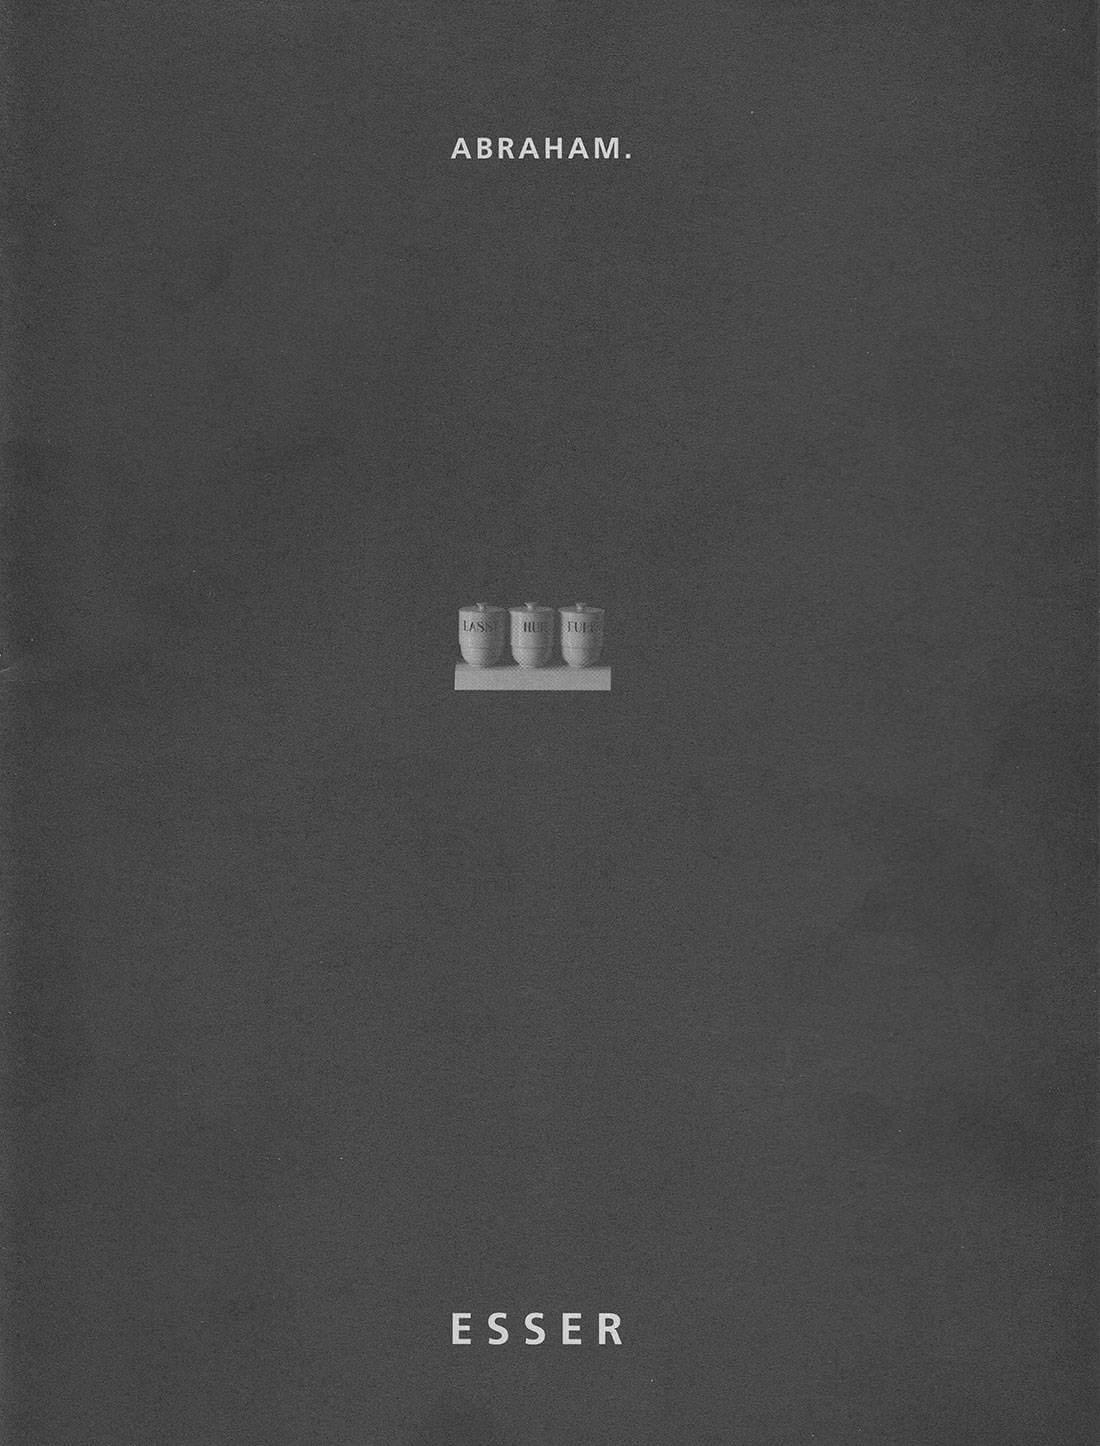 ABRAHAM. ESSER Booklet Selbstverlag der Künstlerin 200 Exemplare Layout Horst Bartels mit Beiträgen von Simone Back, Andreas von Randow